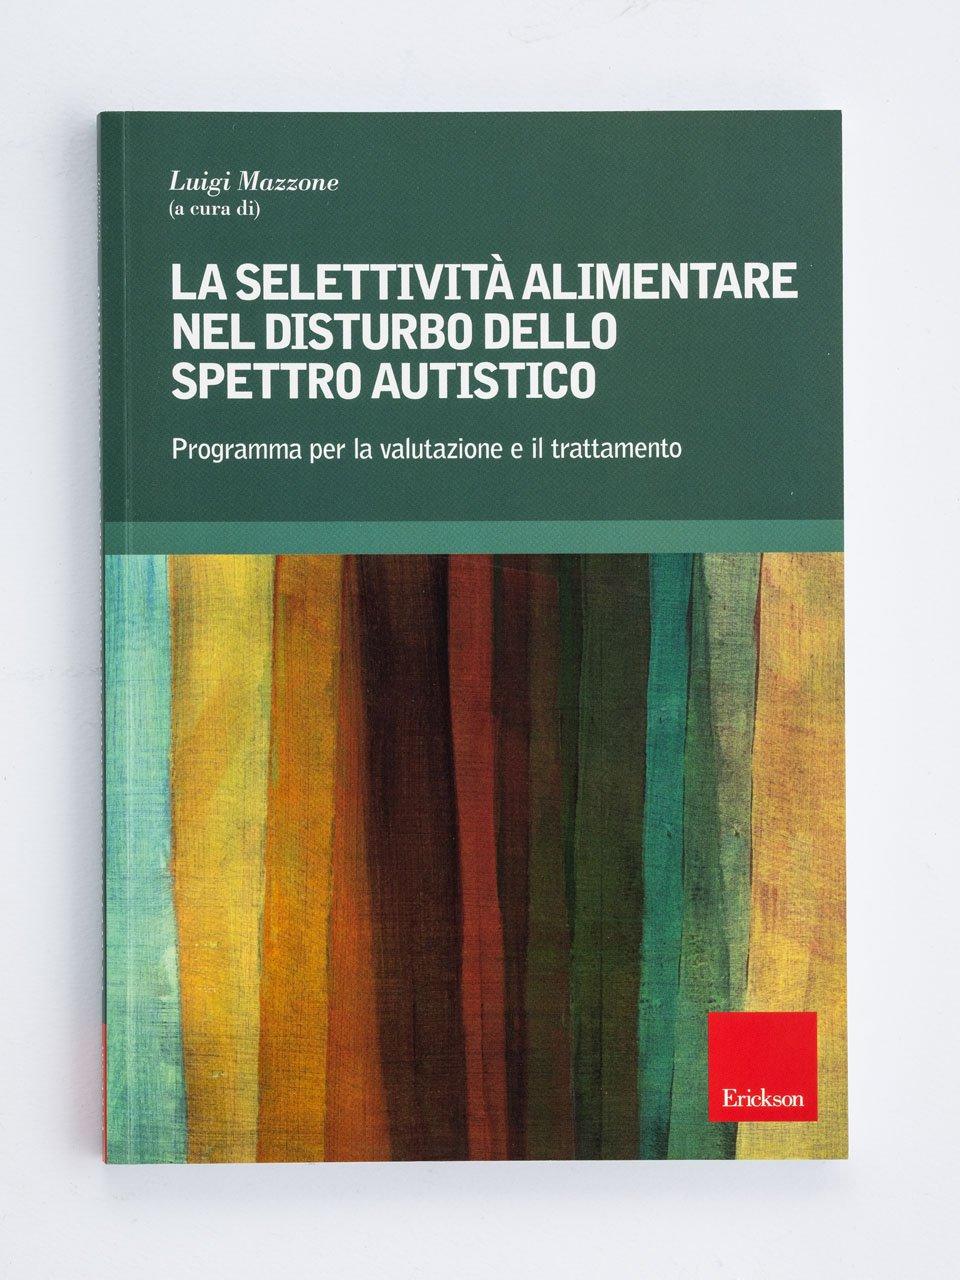 La selettività alimentare nel disturbo dello spettro autistico - Superare l'insonnia - Libri - Erickson